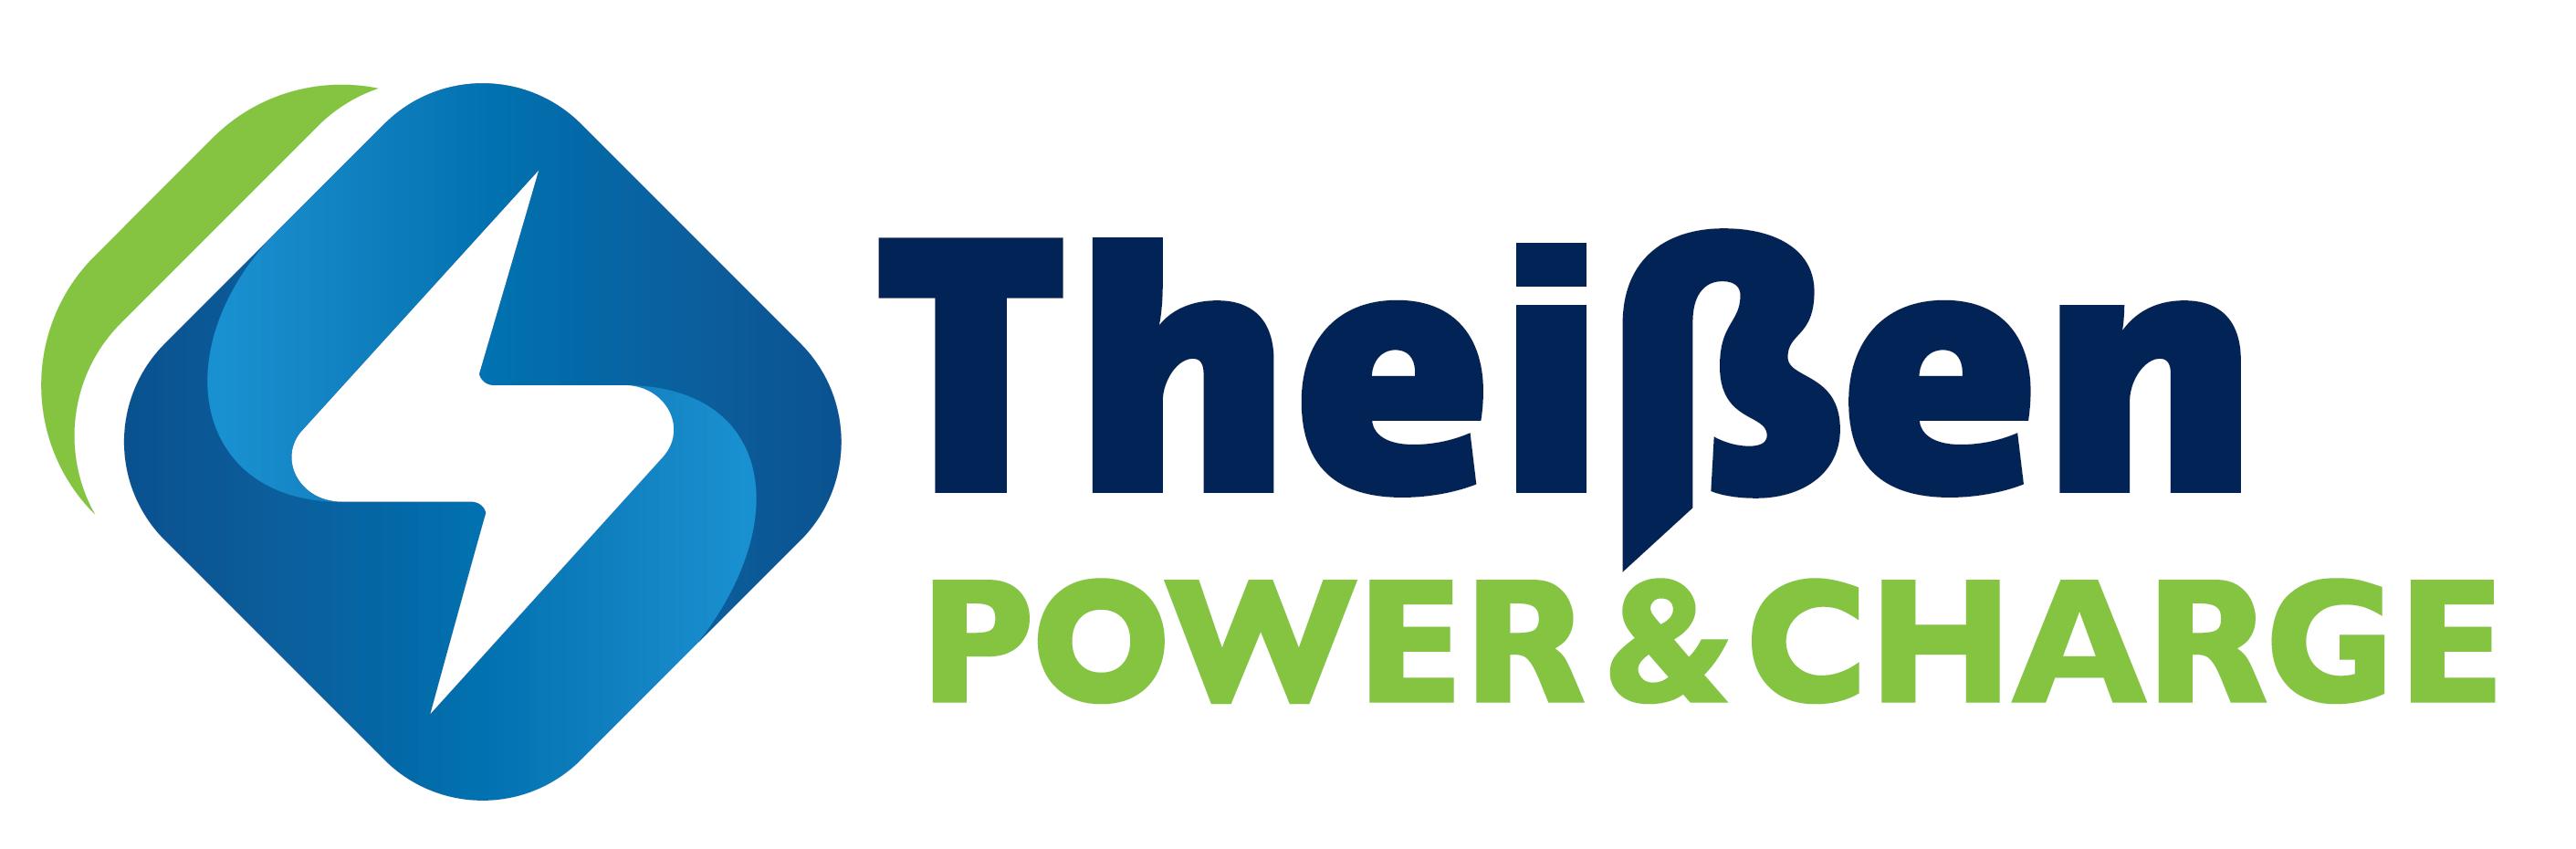 Theißen Power & Charge - FAQ - Alles über Ladeinfrastruktur für Unternehmen